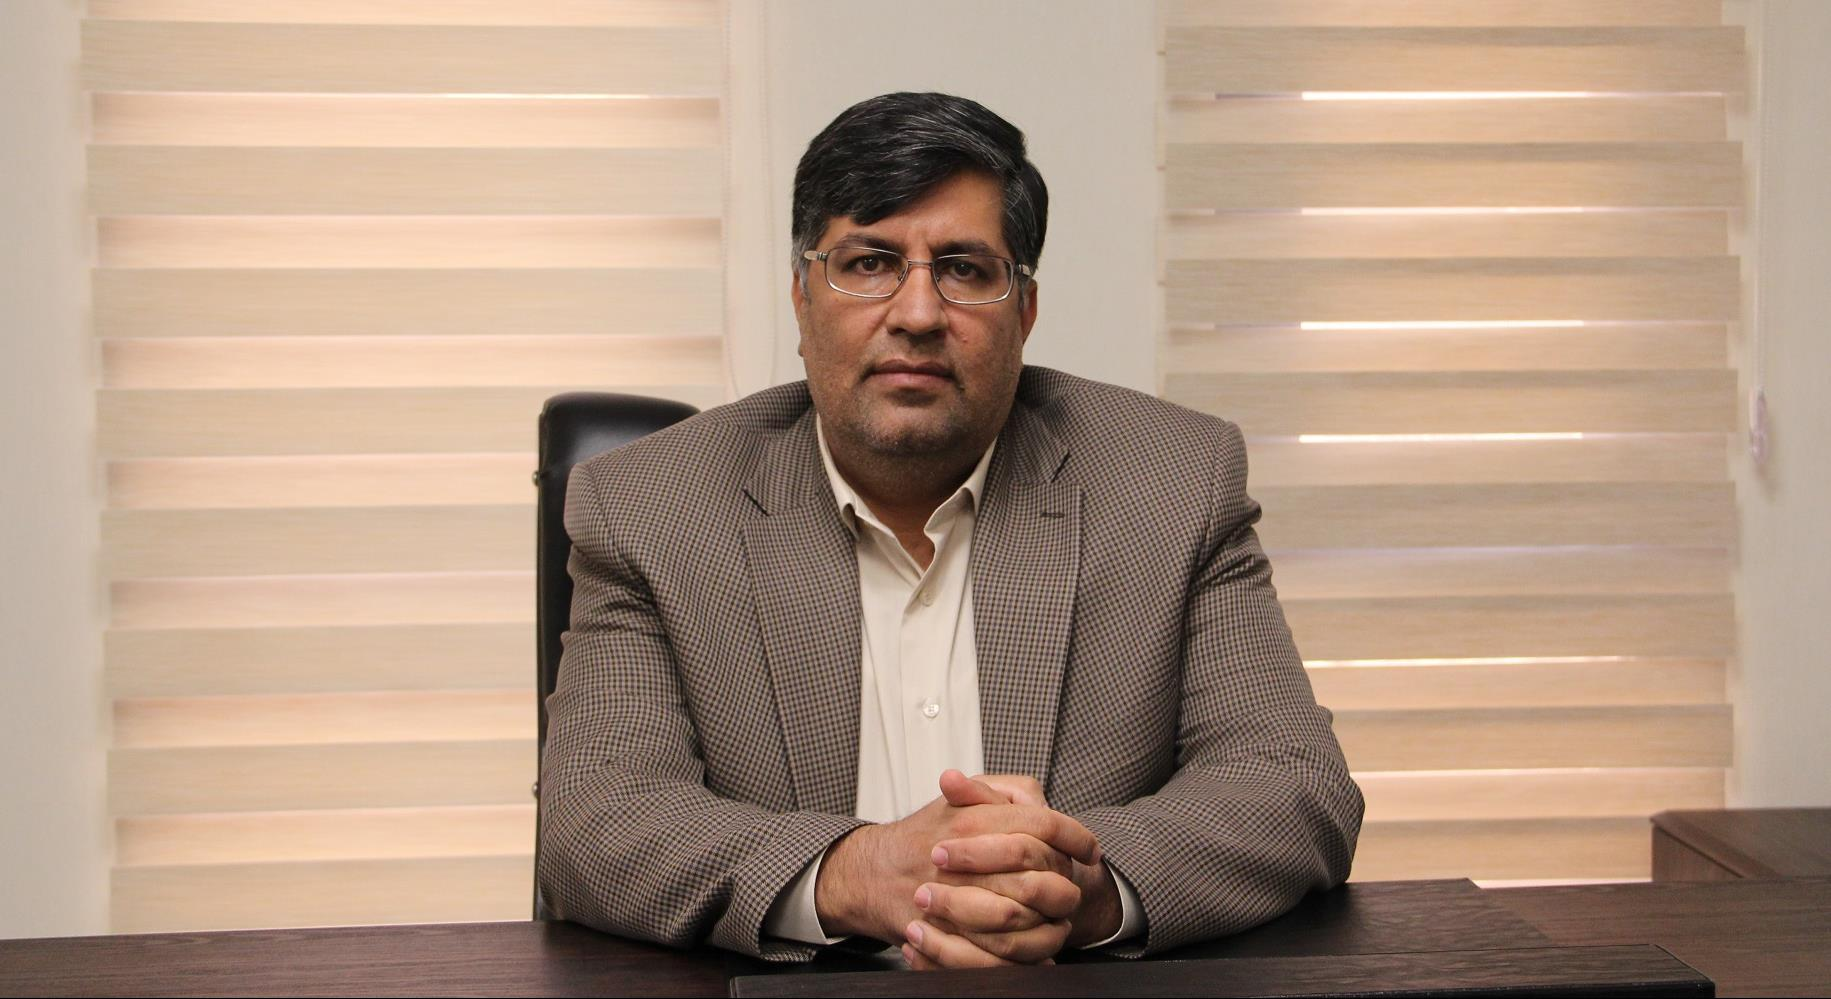 تصویر از سرپرستی پوریانی تا تعیین وزیر صمت!/ حکم رئیس جمهور مخالف قانون تجارت نیست؟